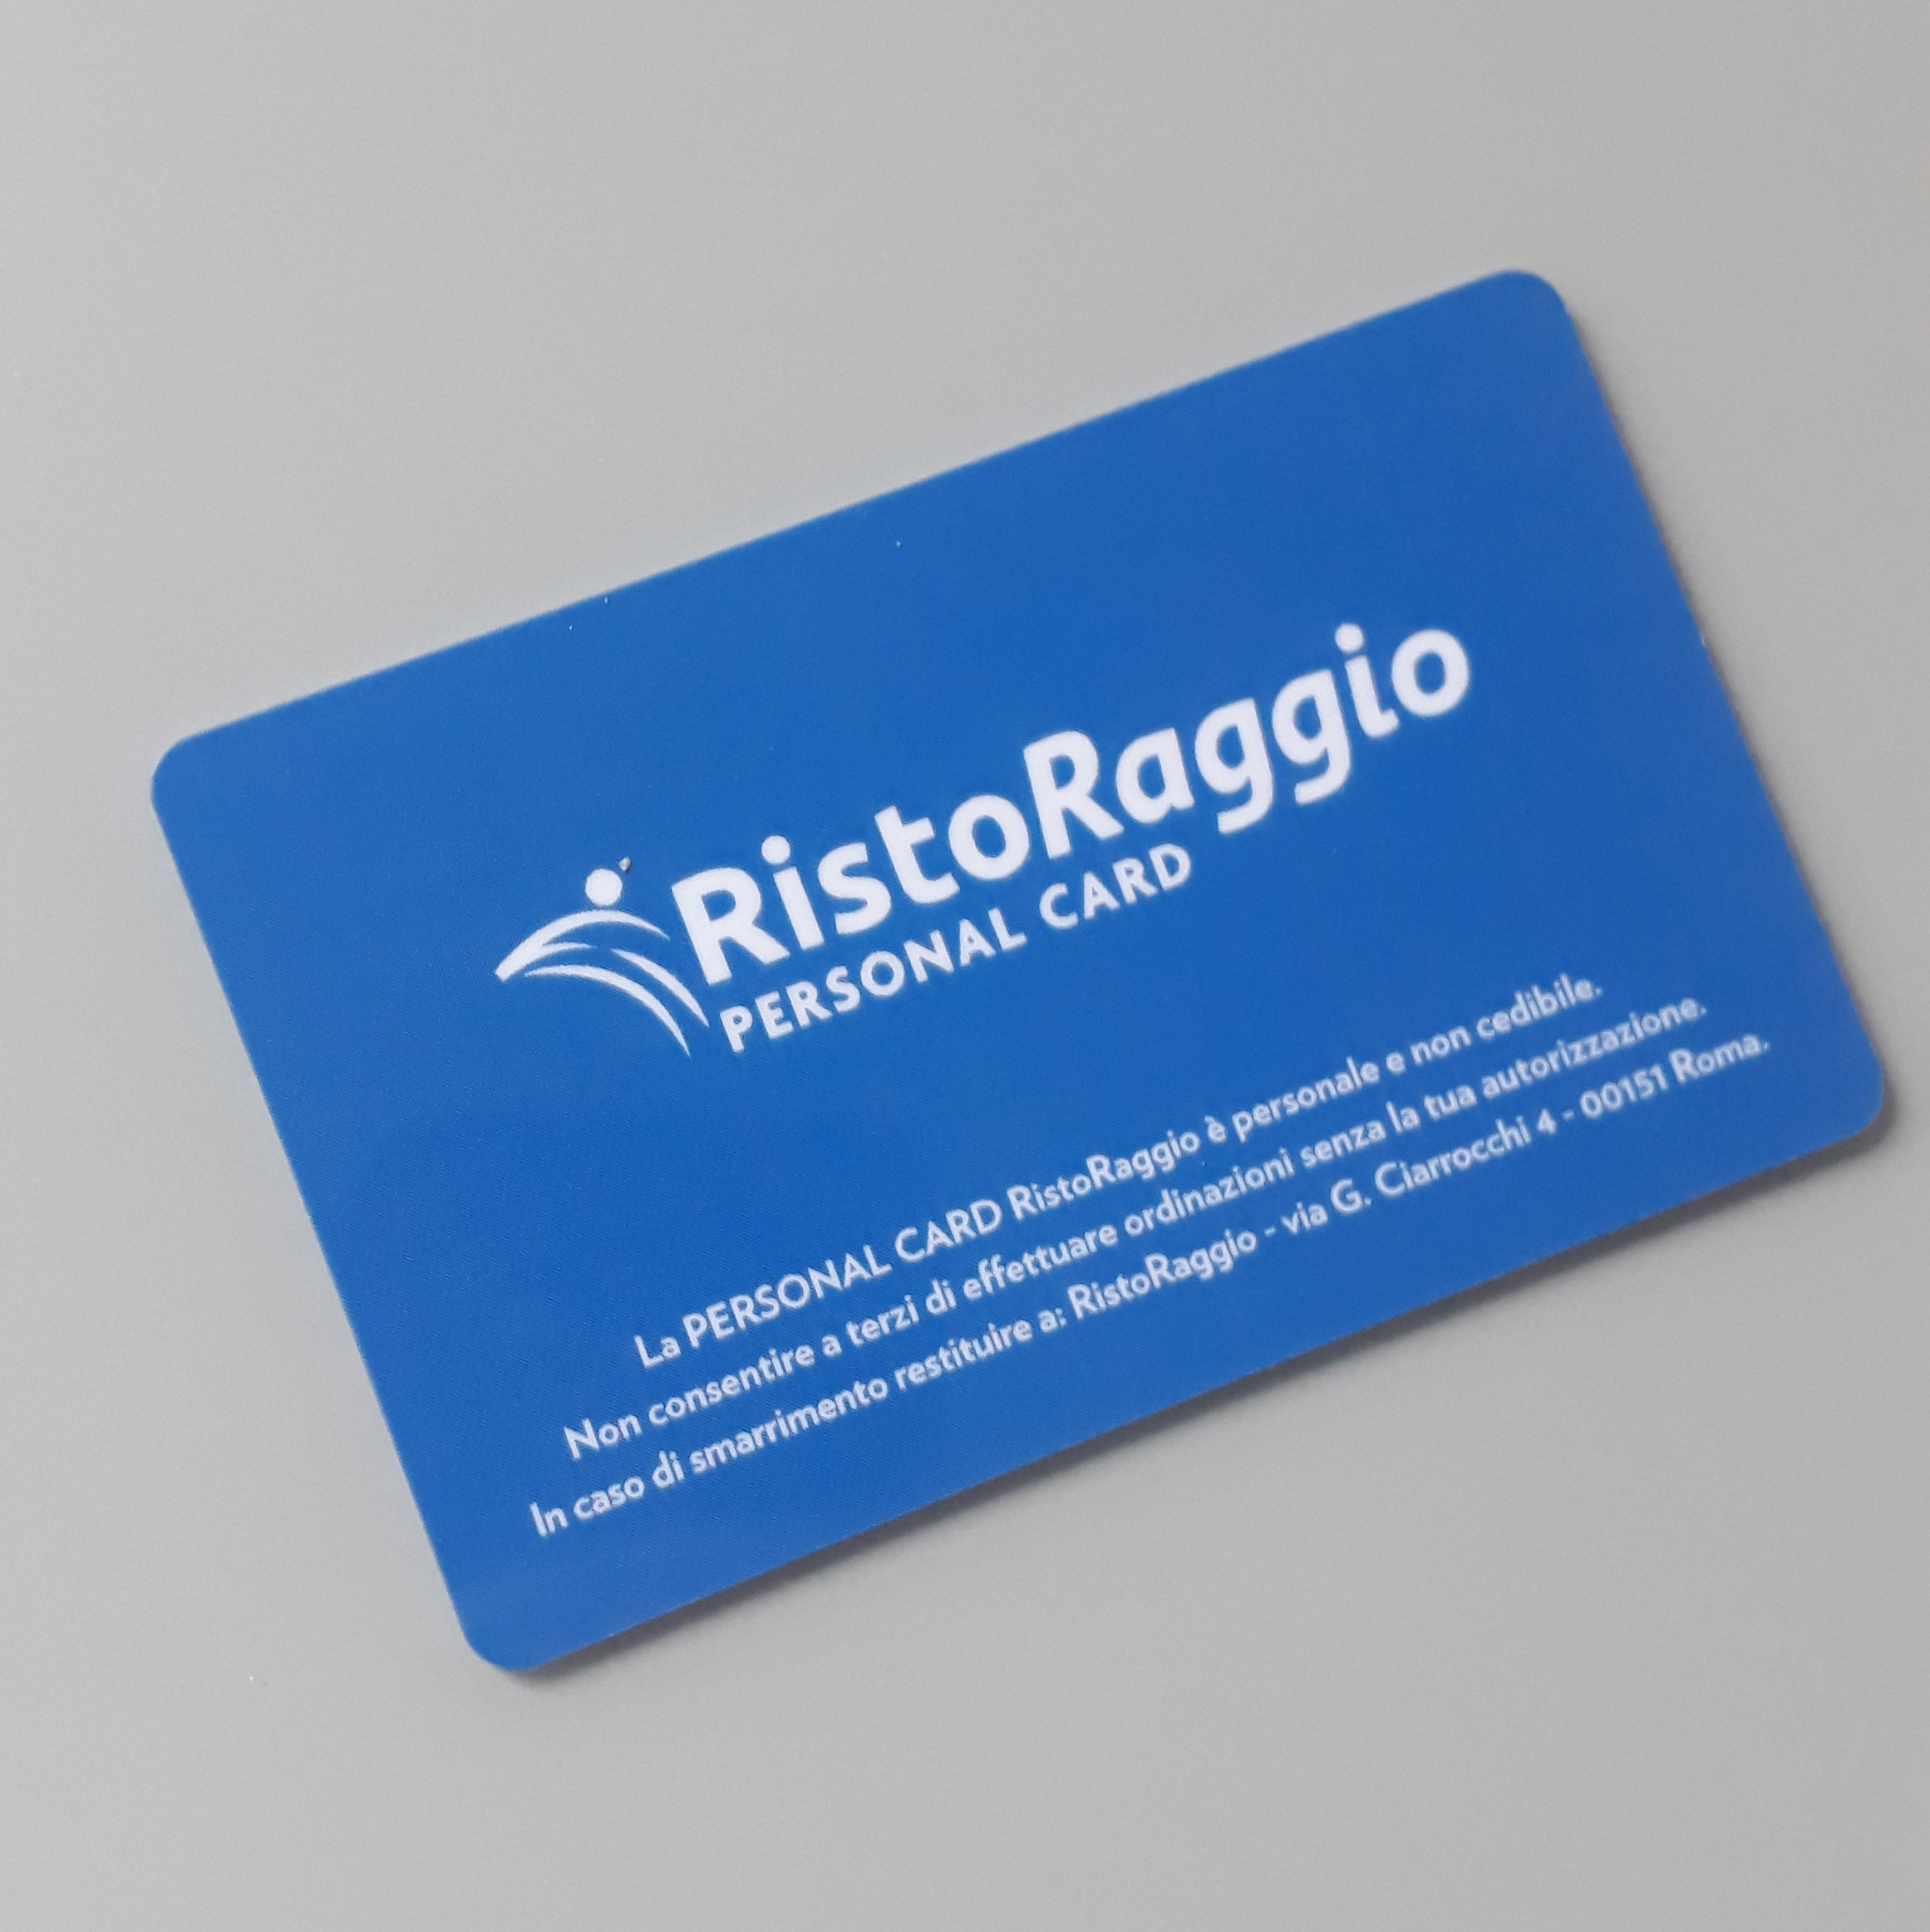 personalcard_restro